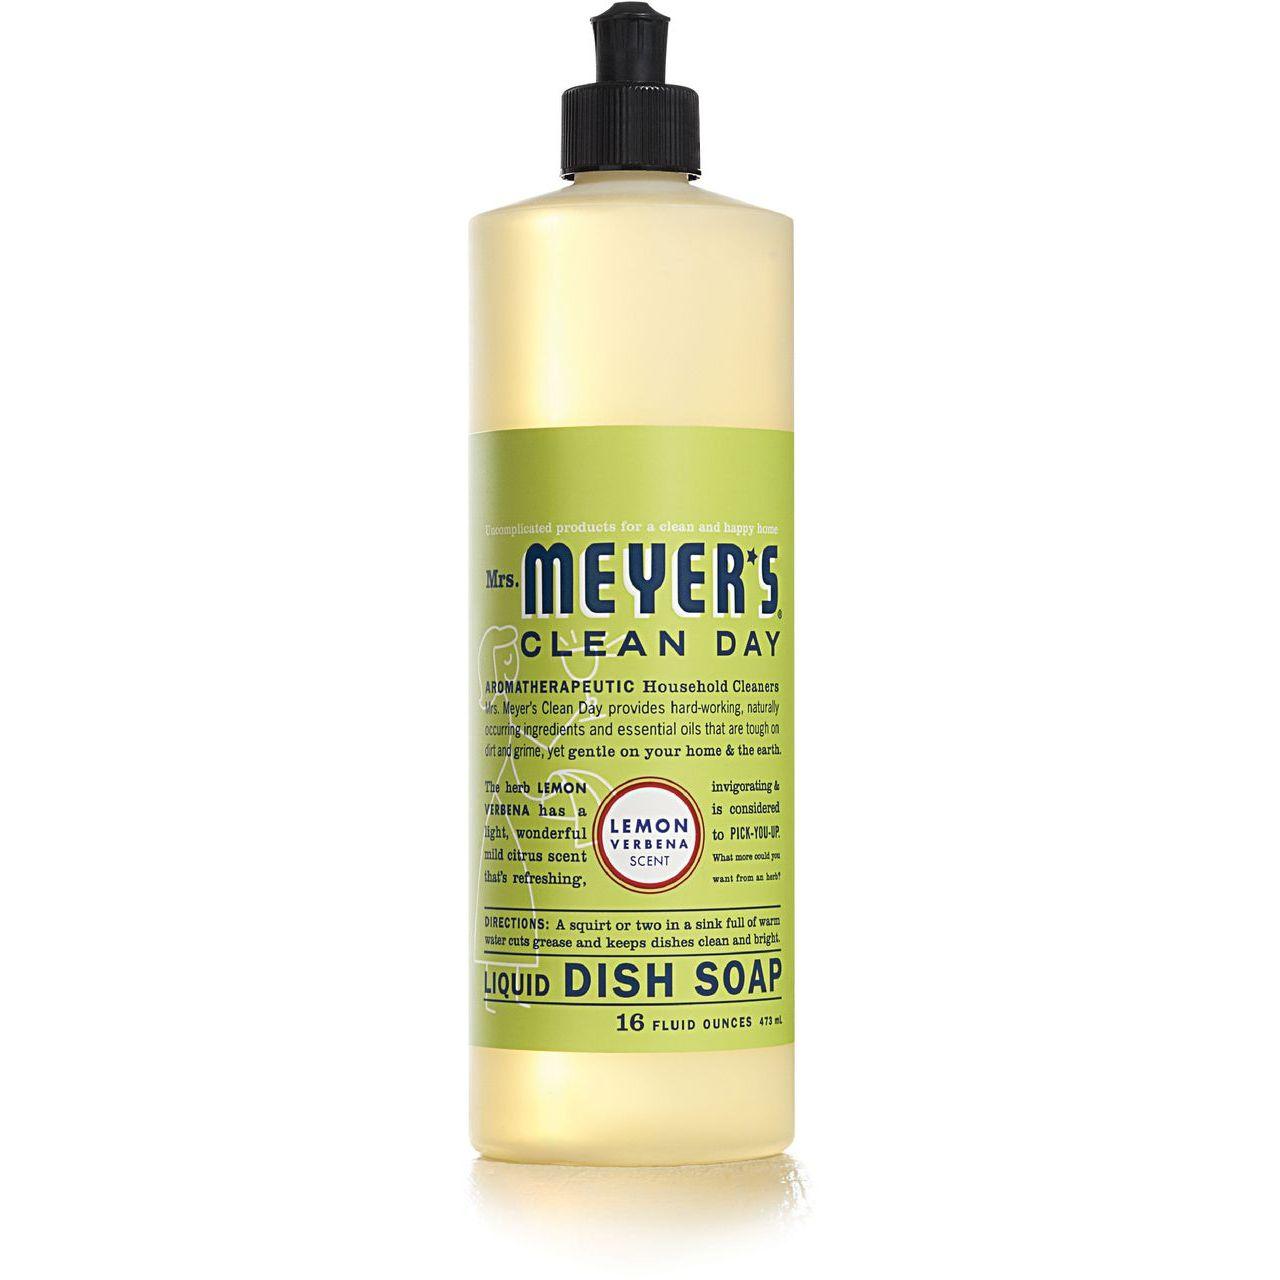 Caldrea 16 oz Lemon Verbena Clean Day Liquid Dish Soap